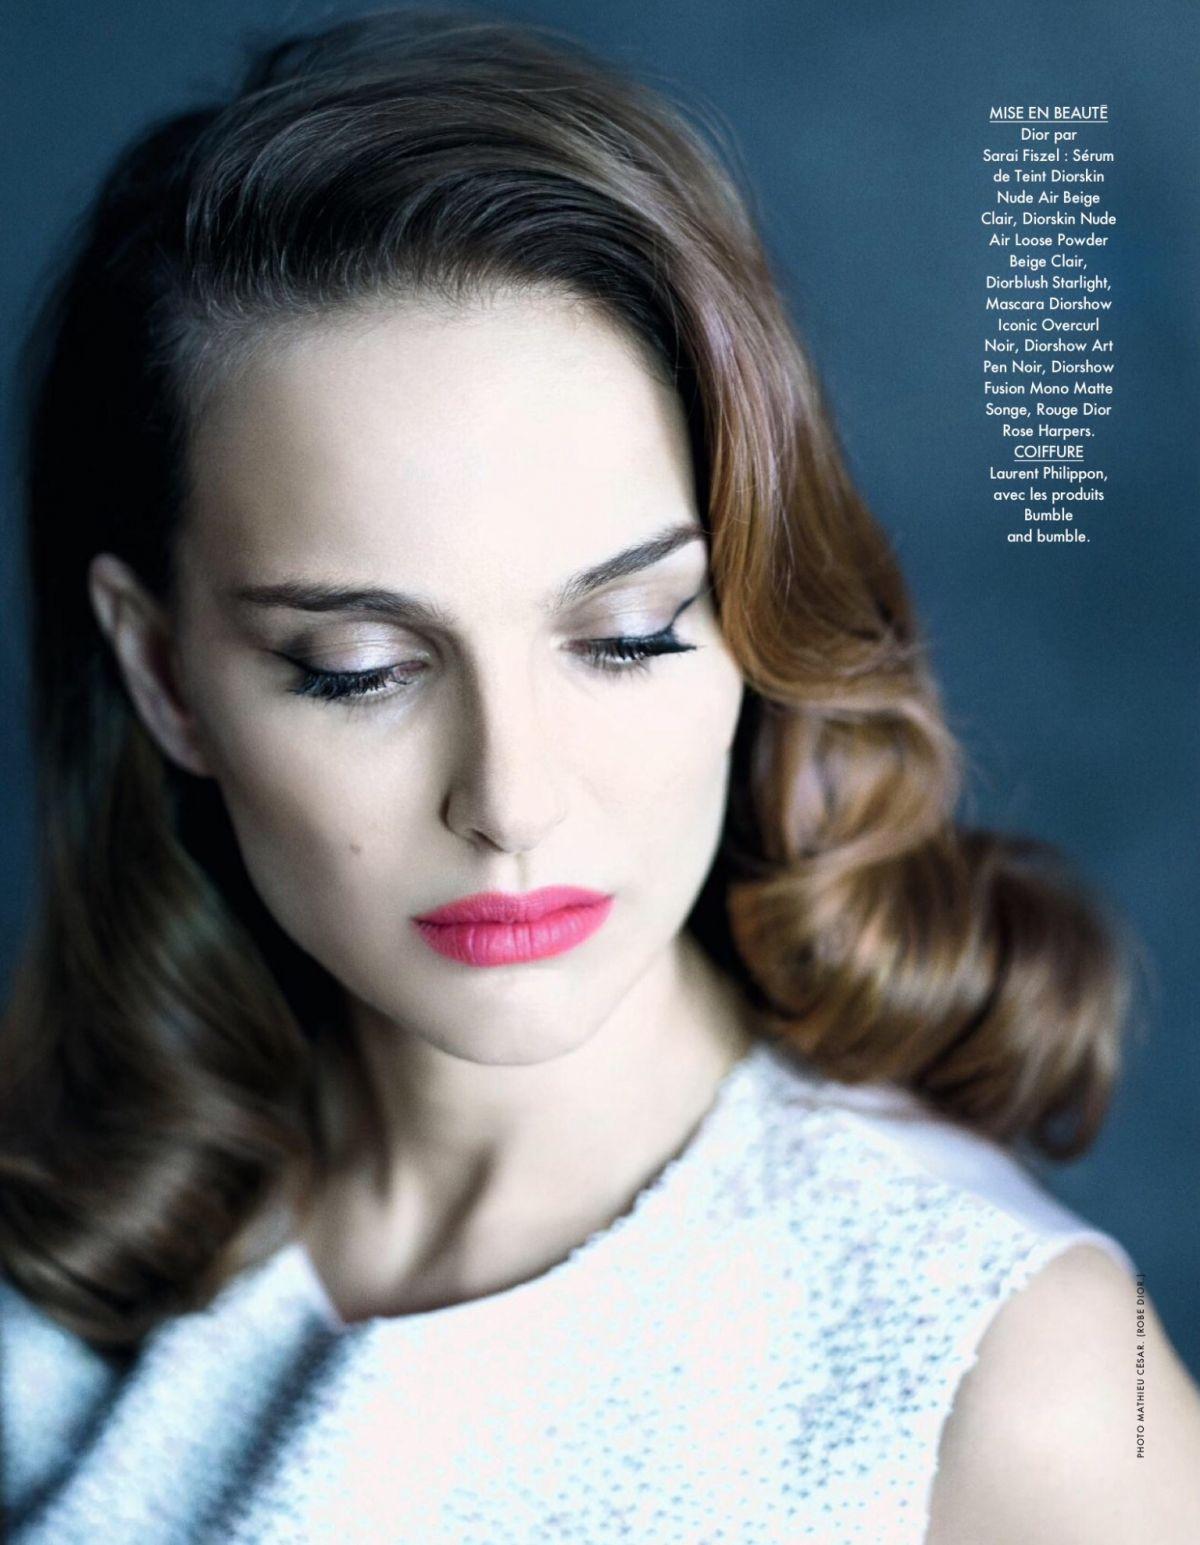 Natalie Portman, Elle Cover   Elle magazine, Fashion